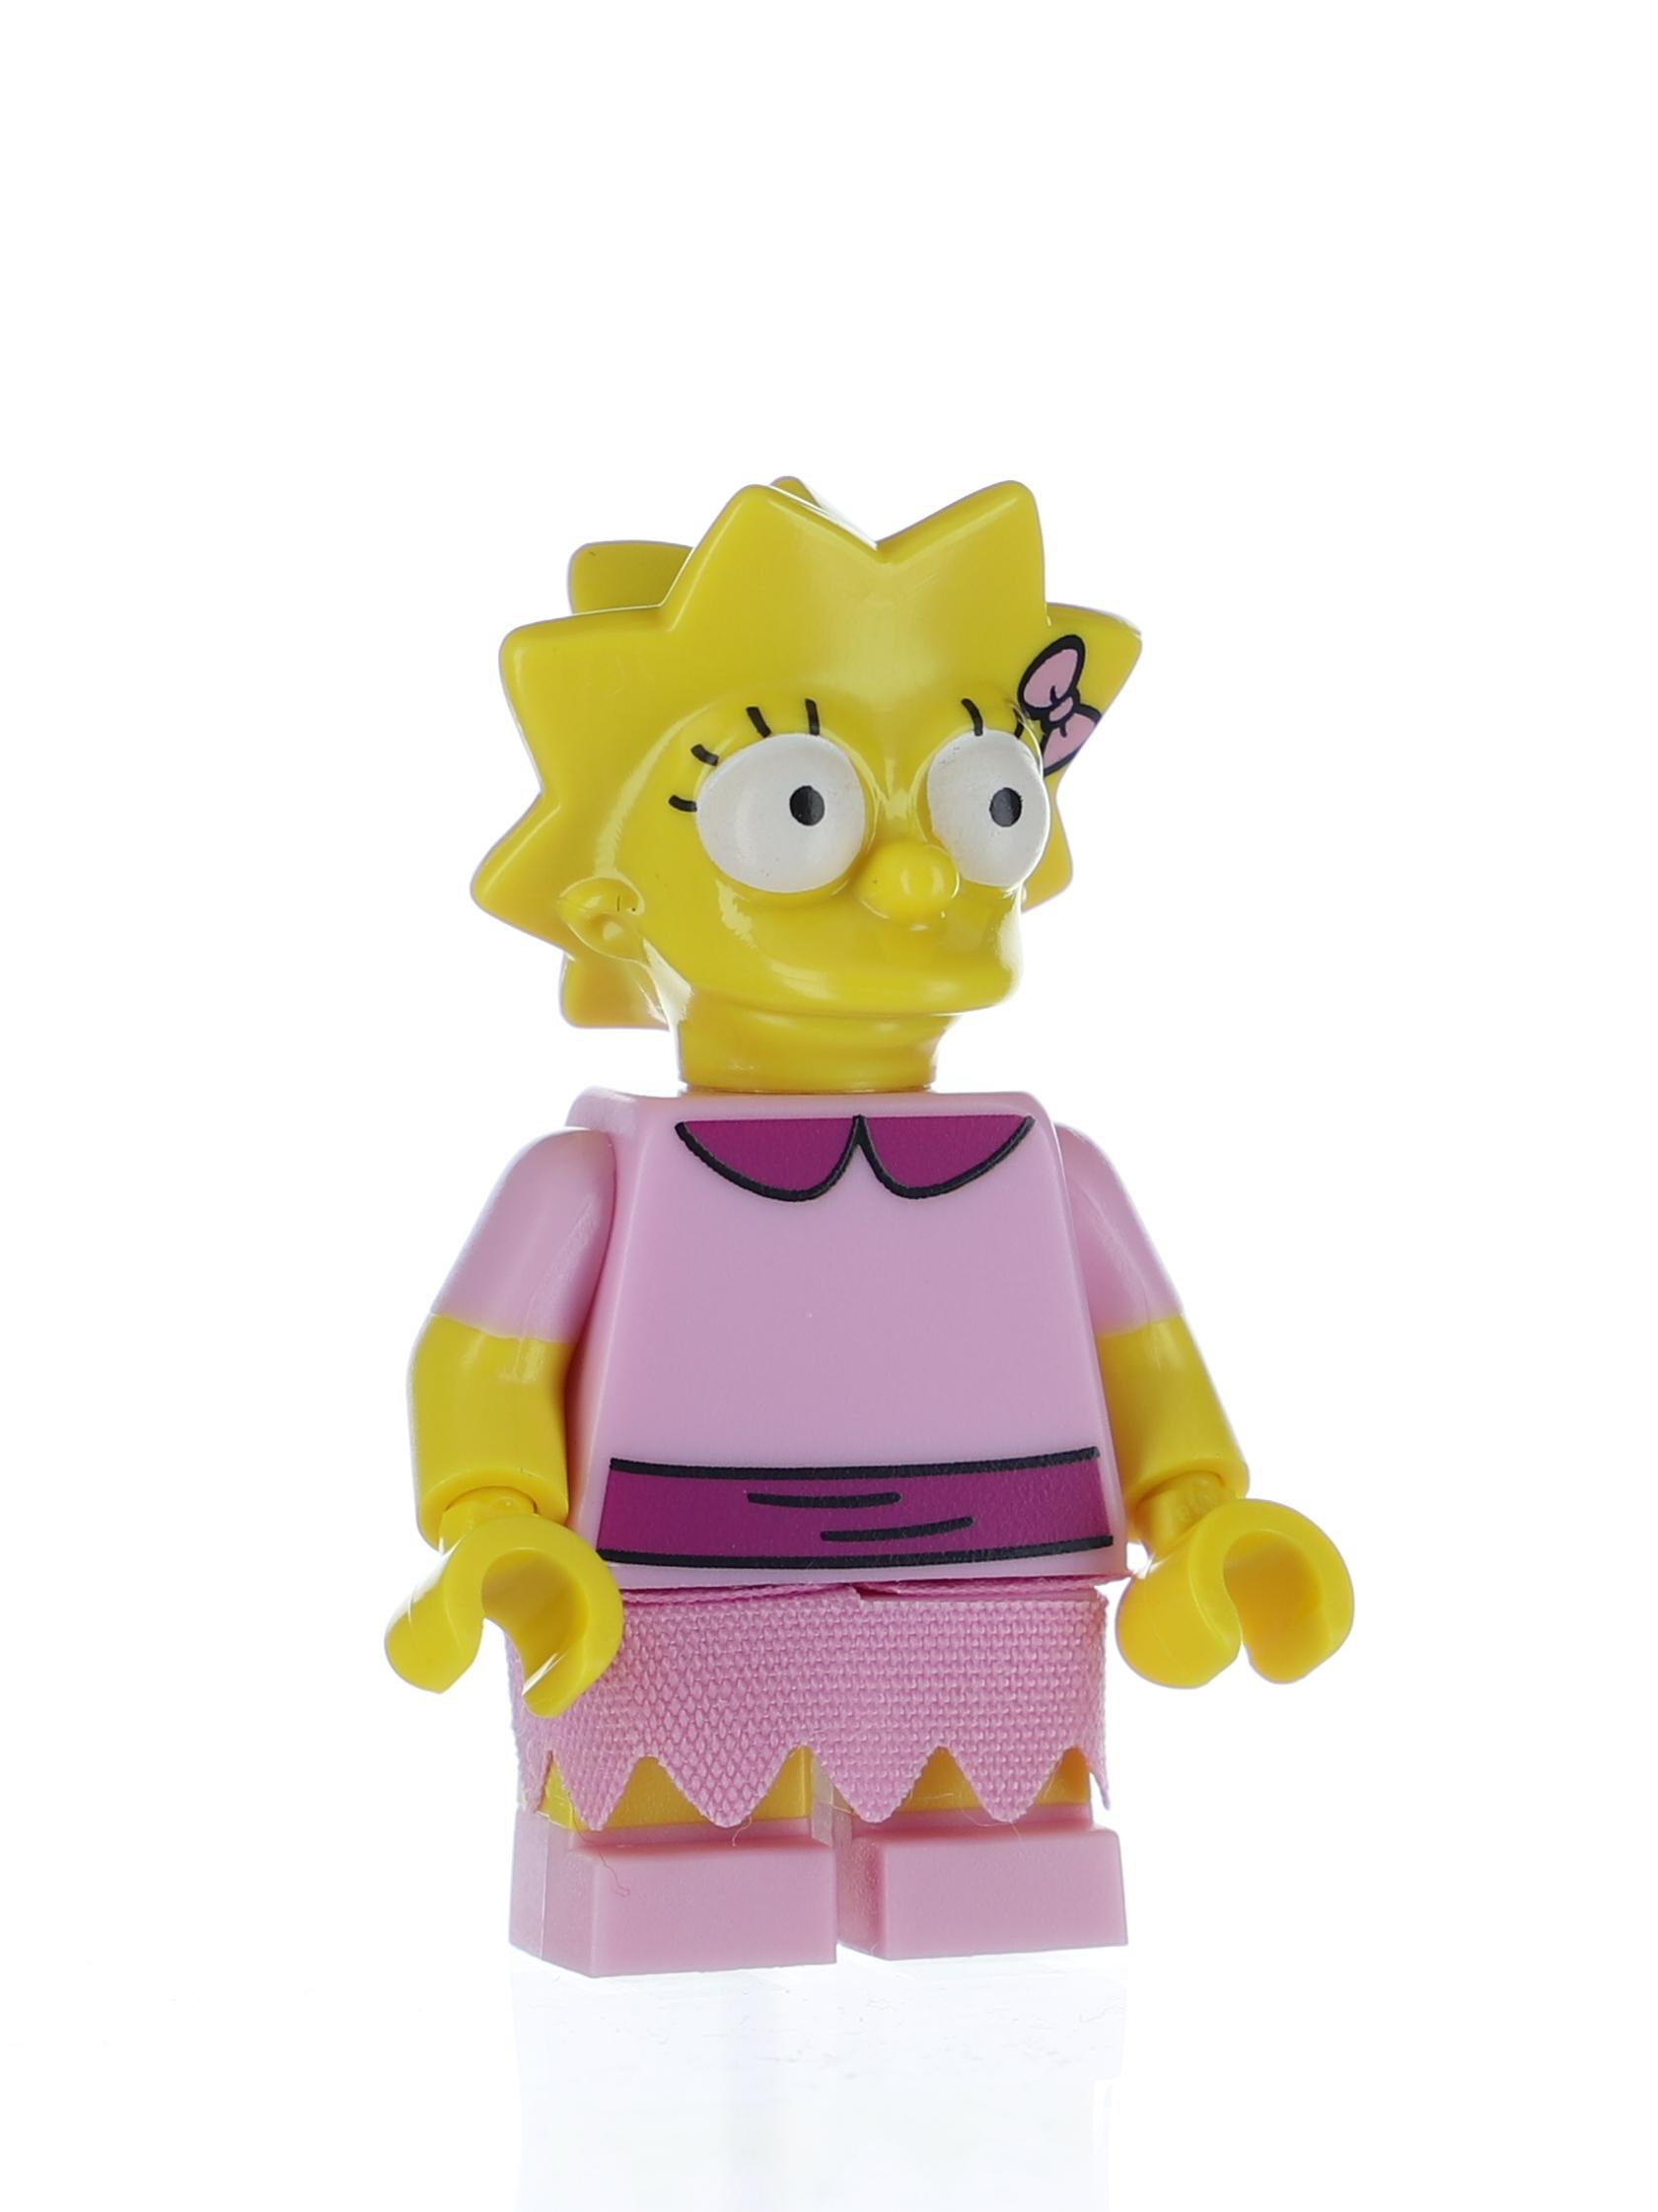 - Figur Minifig Minifigures Lisa Simpson Serie 2 LEGO 71009 The Simpsons